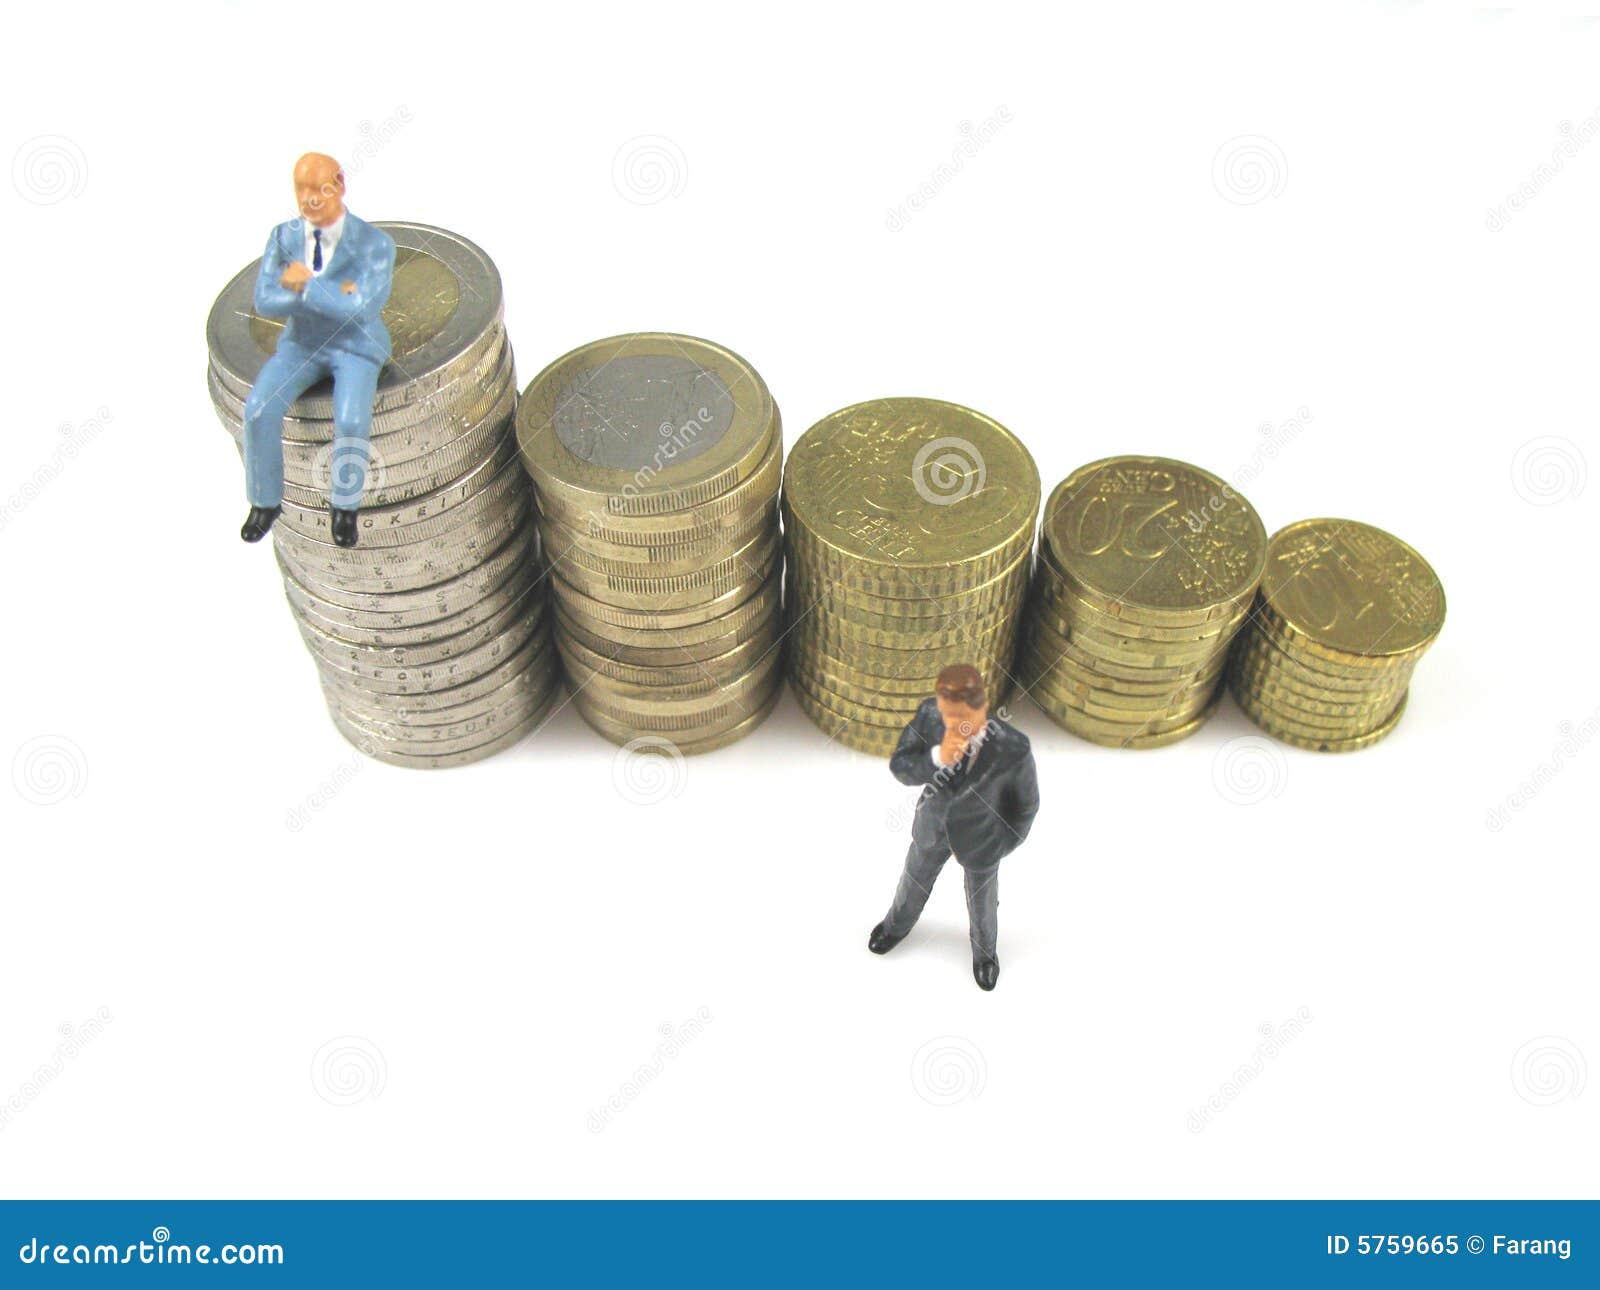 wie bekommt man viel geld